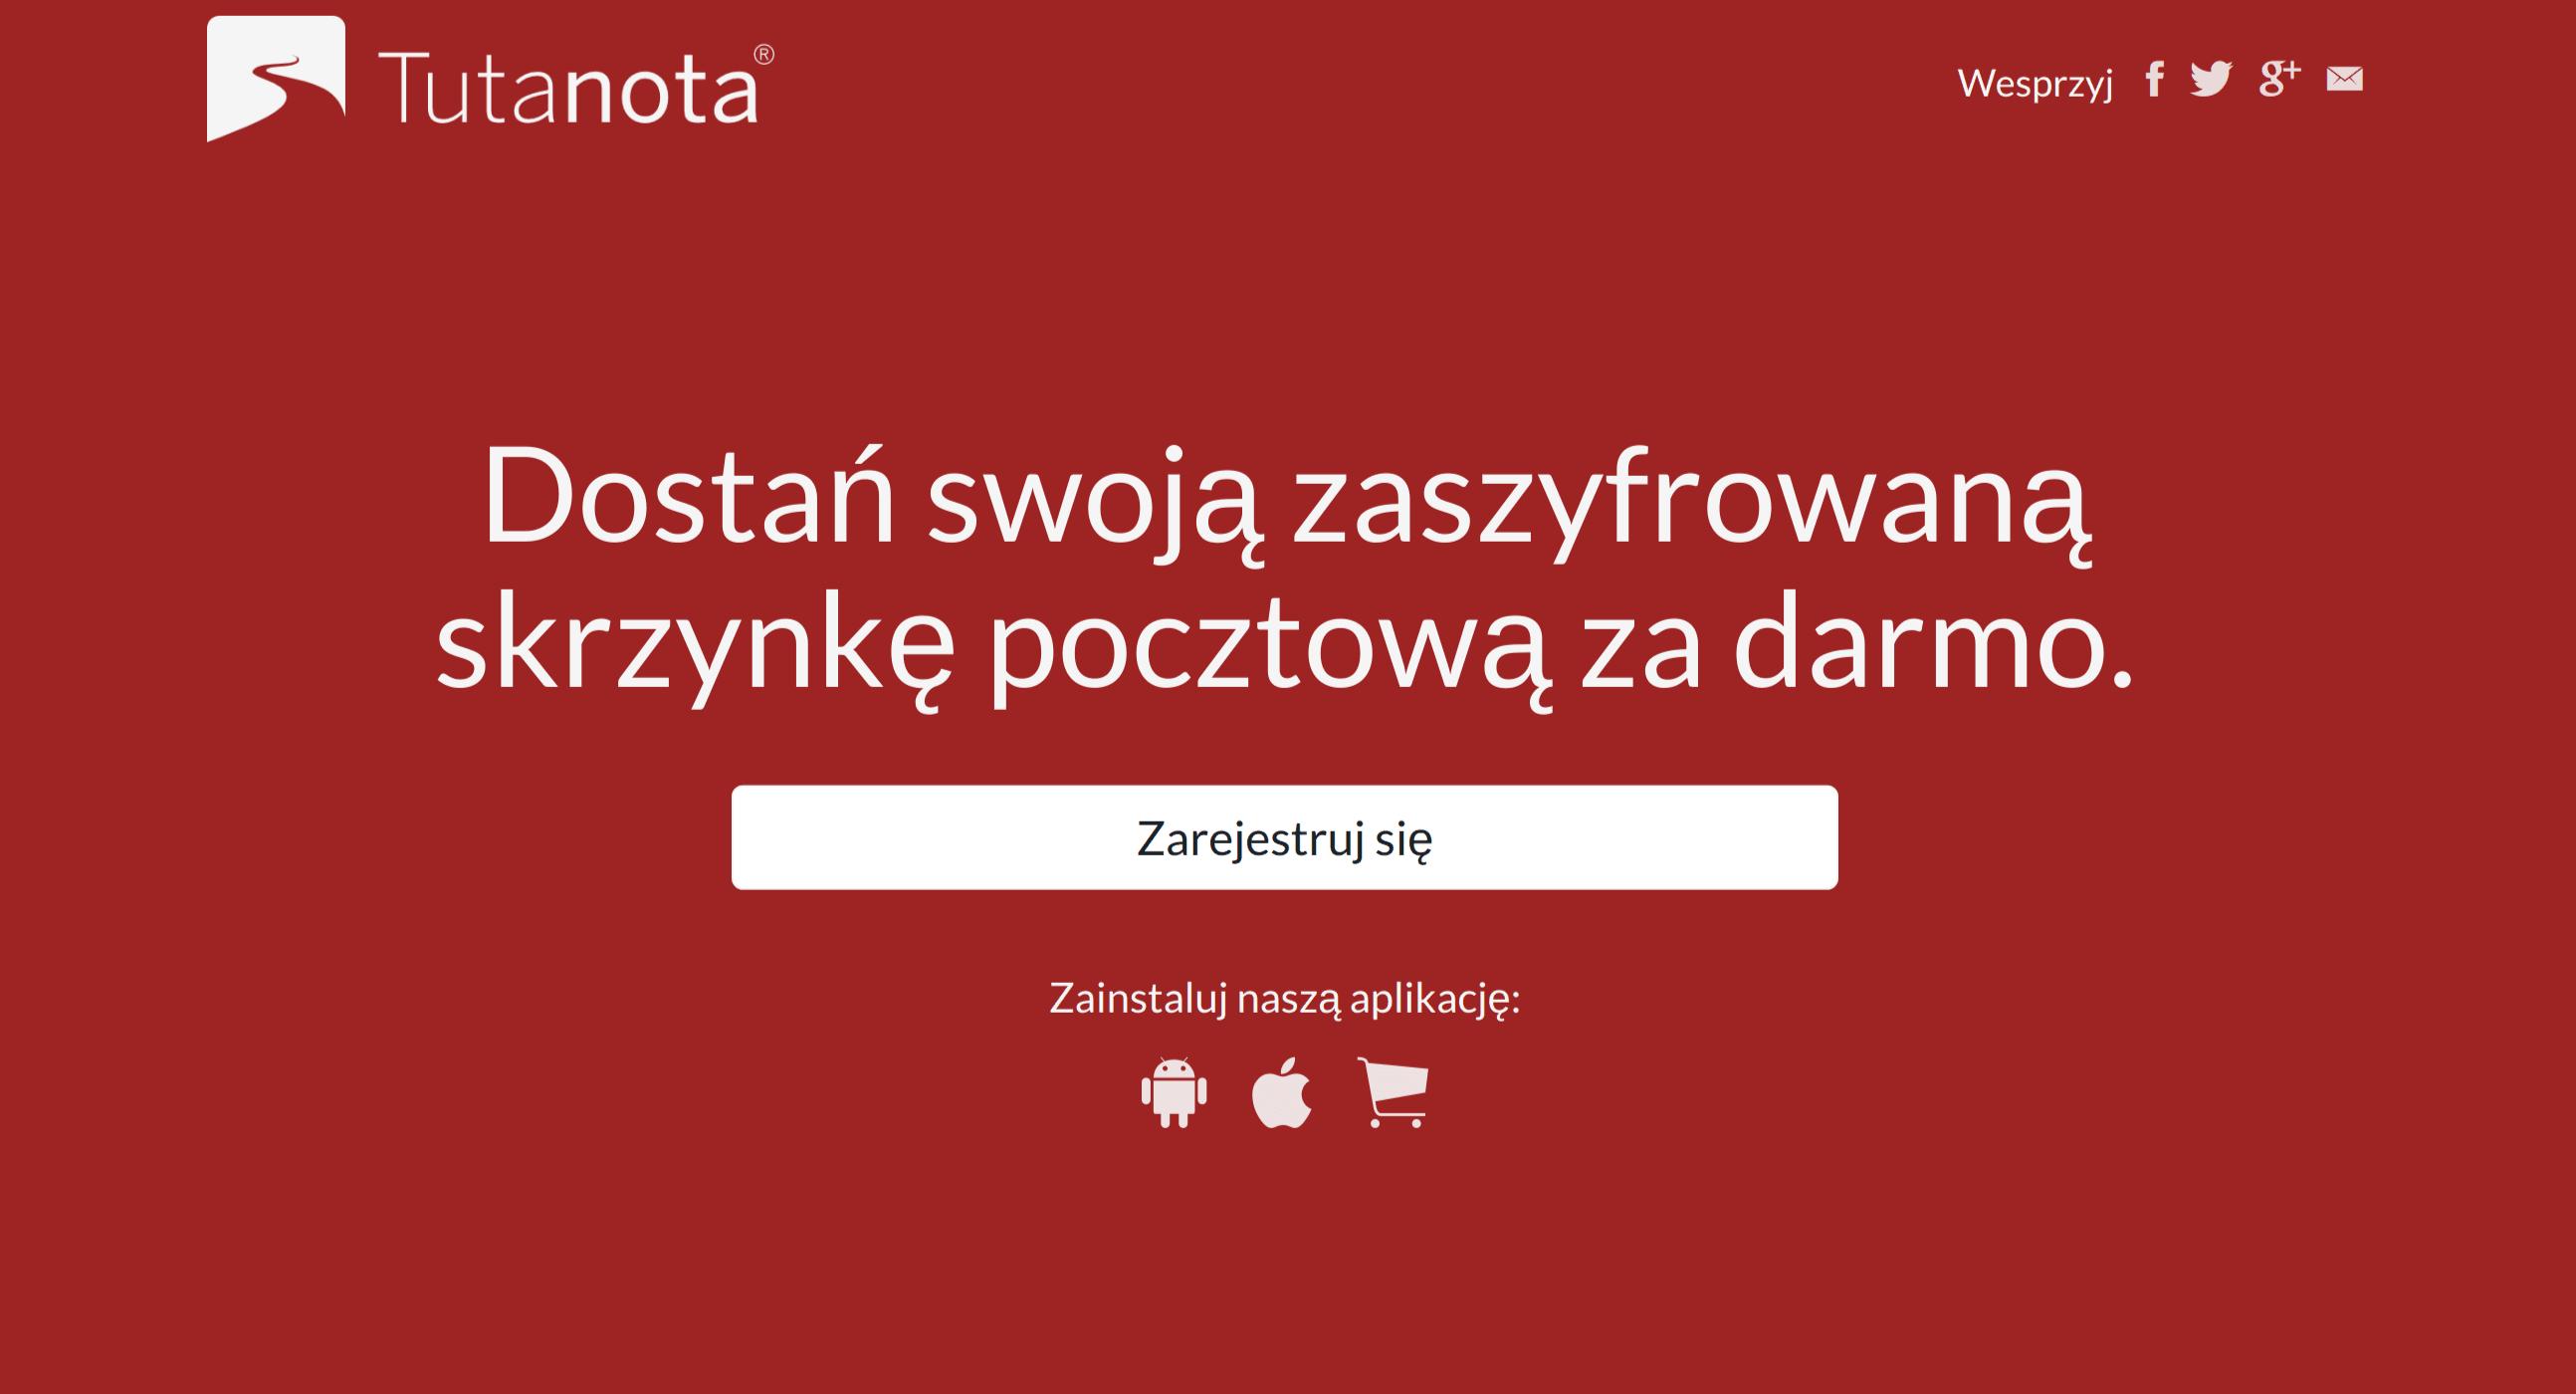 W F-Droid pojawiła się aplikacja Tutanota - otwartoźródłowa skrzynka pocztowa z szyfrowaniem end-to-end 22